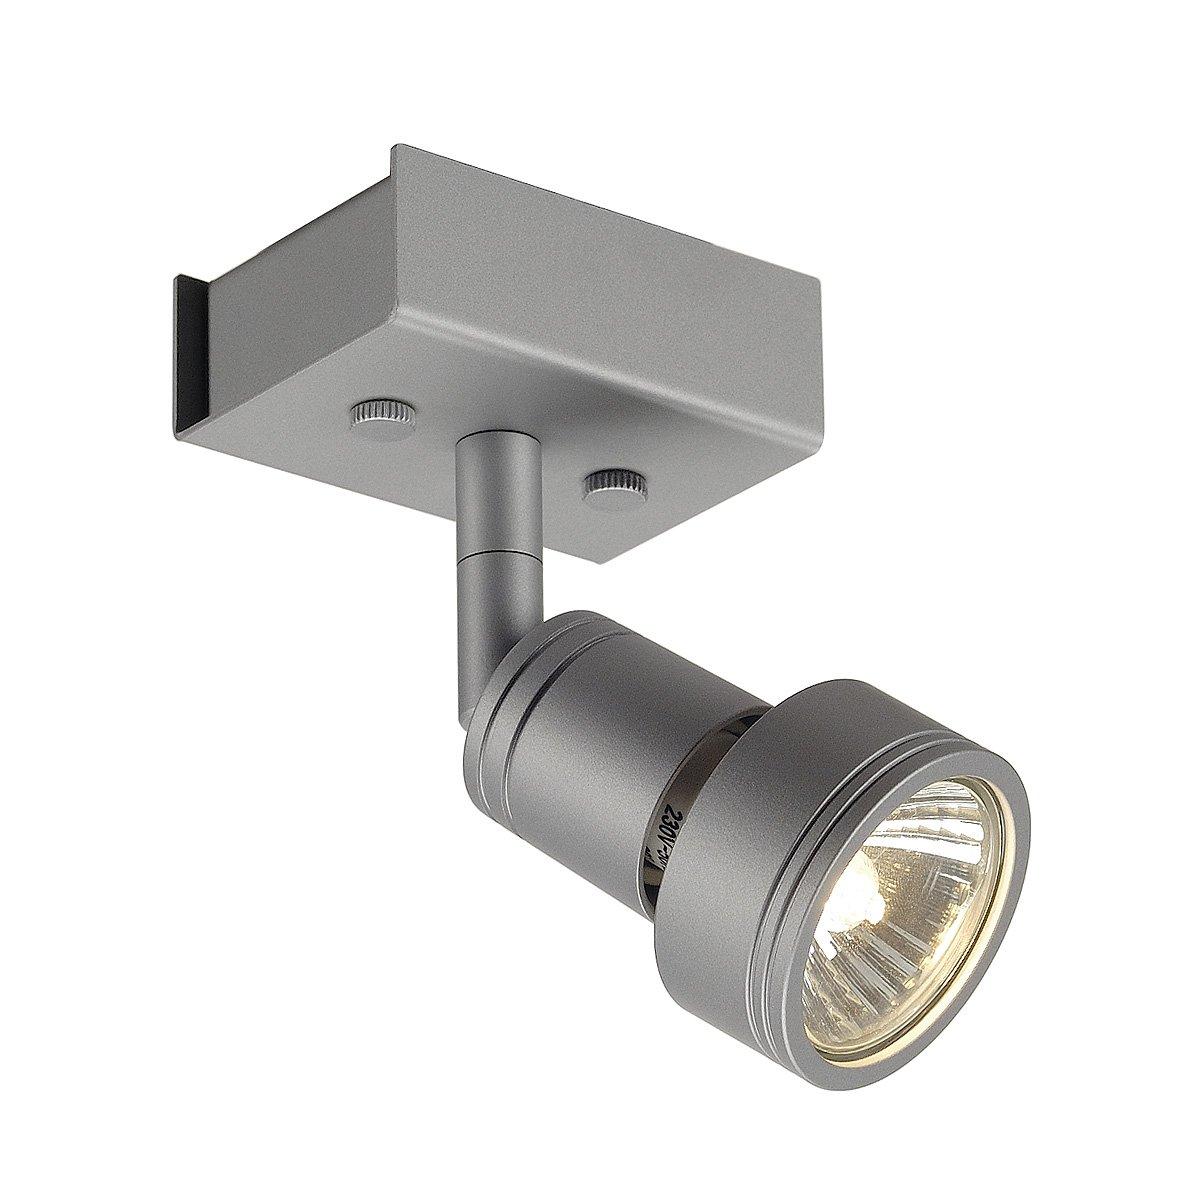 SLV LED Strahler ASTO dreh- und schwenkbar | Smarte Wand- und Decken-Leuchte zur individuellen Innen-Beleuchtung | Decken-Spot, Deckenfluter, Deckenstrahler, Decken-Lampe, Wand-Lampe | GU10, EEK bis A++ [Energieklasse A] 147444 147444 forhouse